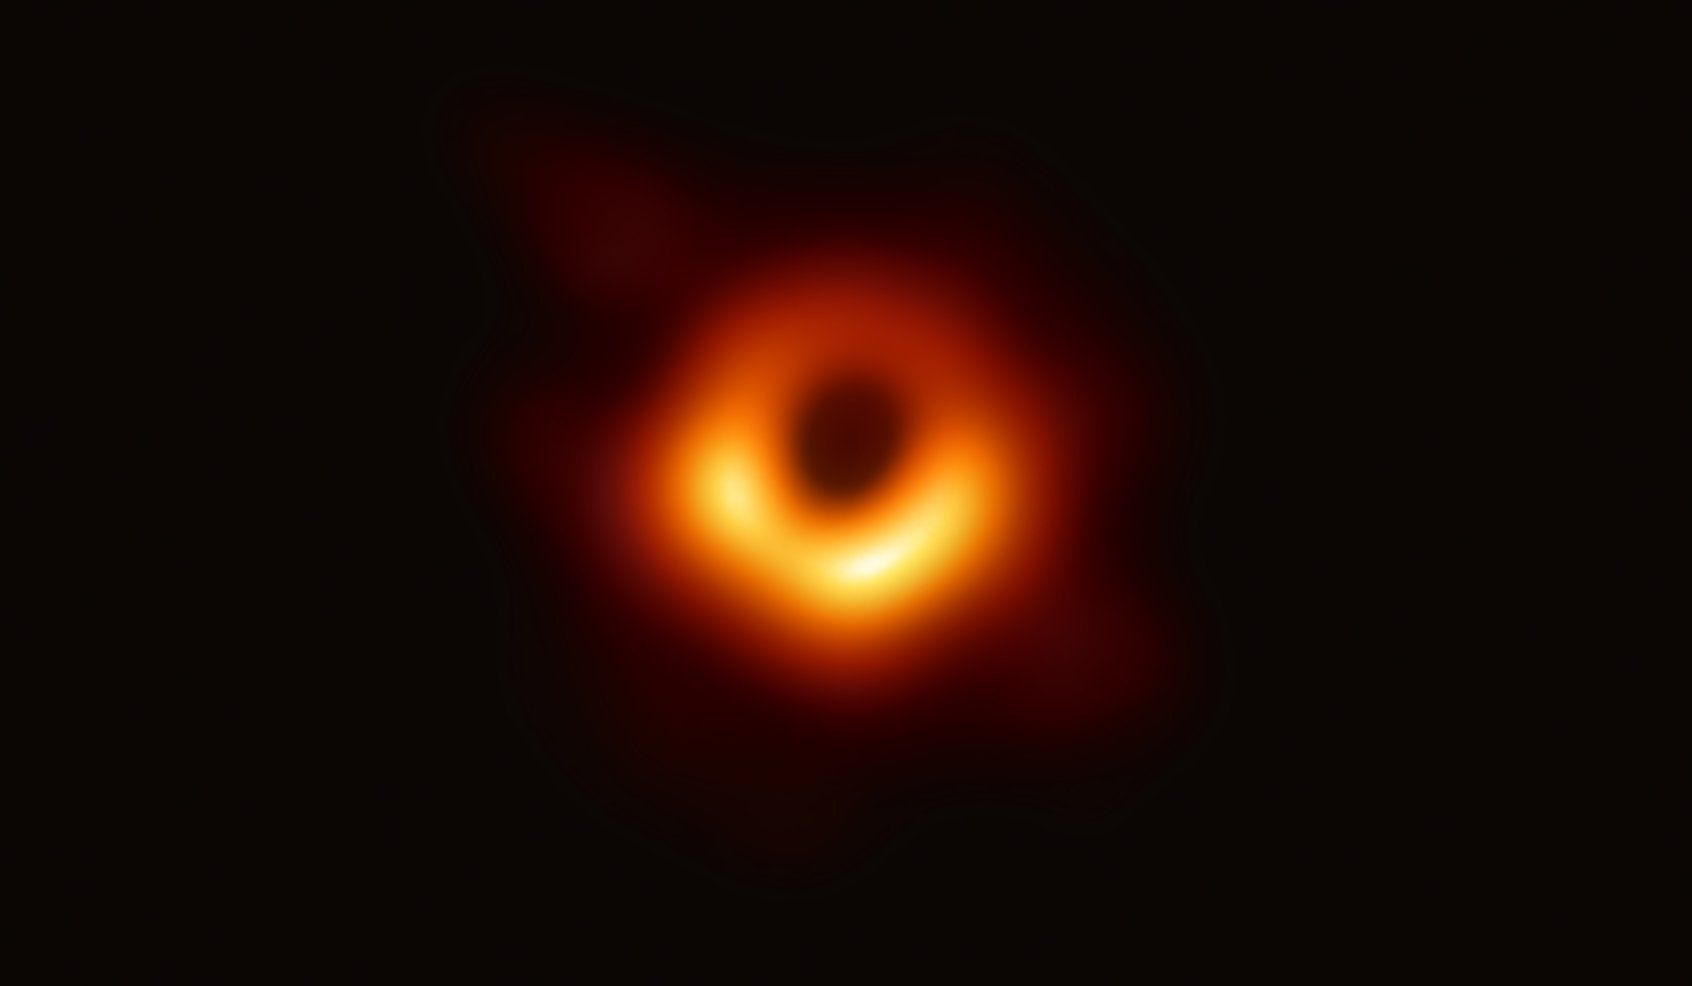 Event Horizon Telescope: Wissenschaftler fotografieren erstmals ein schwarzes Loch - Das schwarze Loch im Zentrum der Galaxie Messier 87 (Bild: EHT)